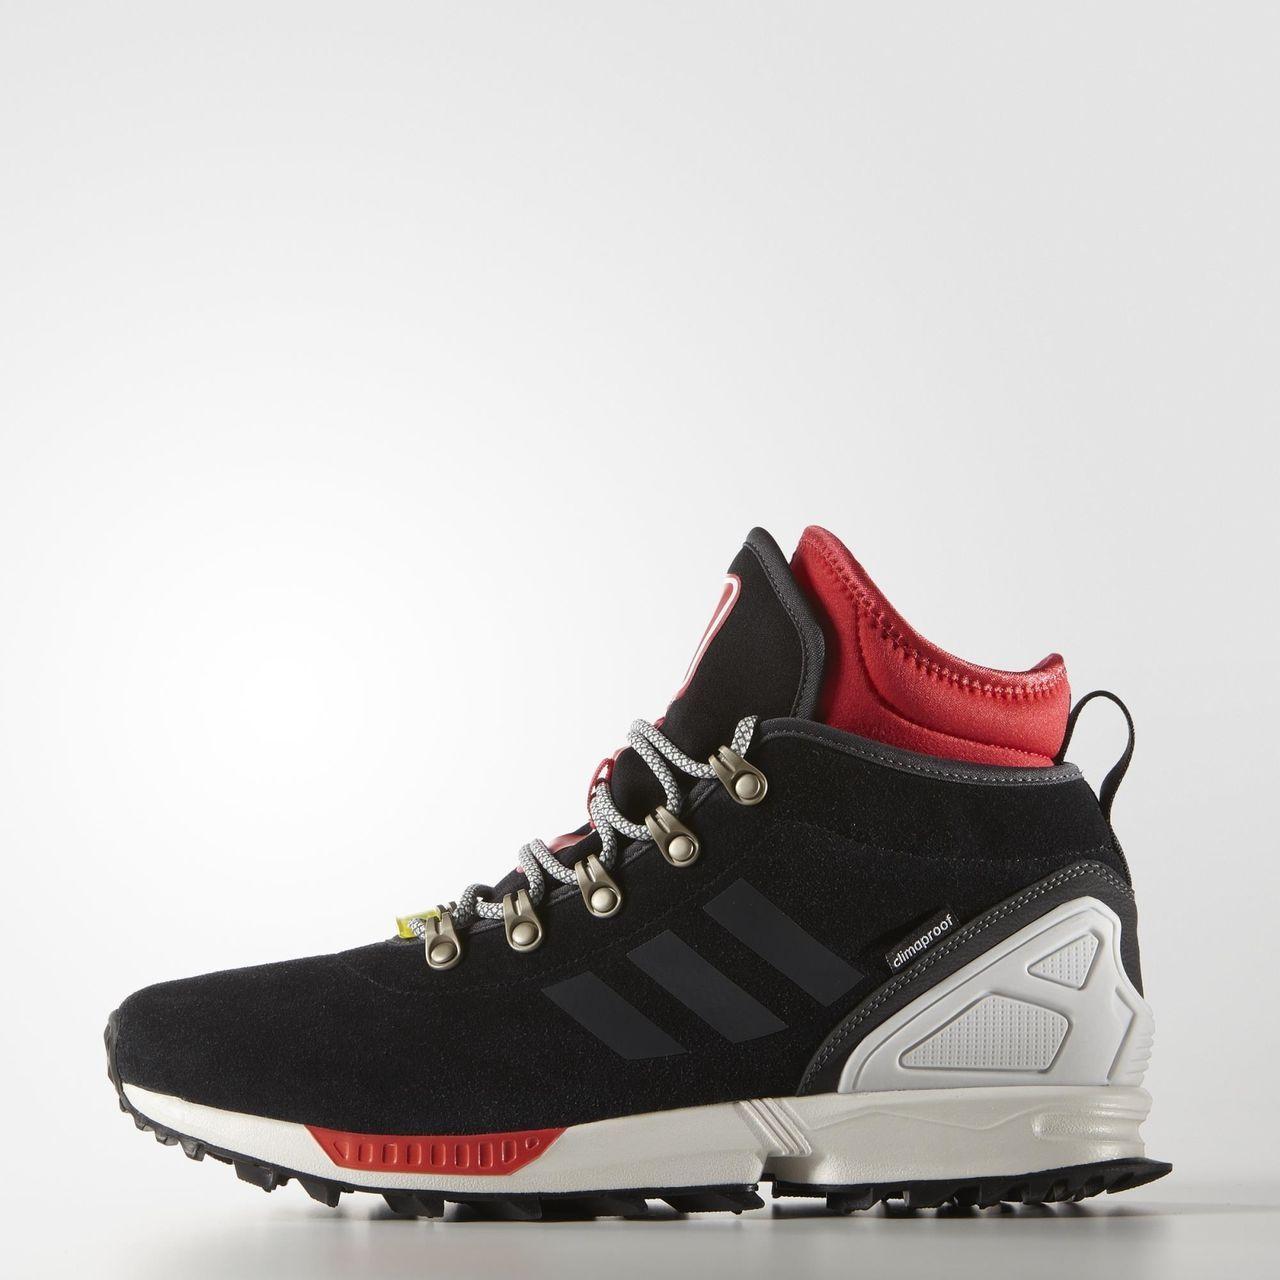 adidas zx flusso scarpe invernali black adidas più del mio dire